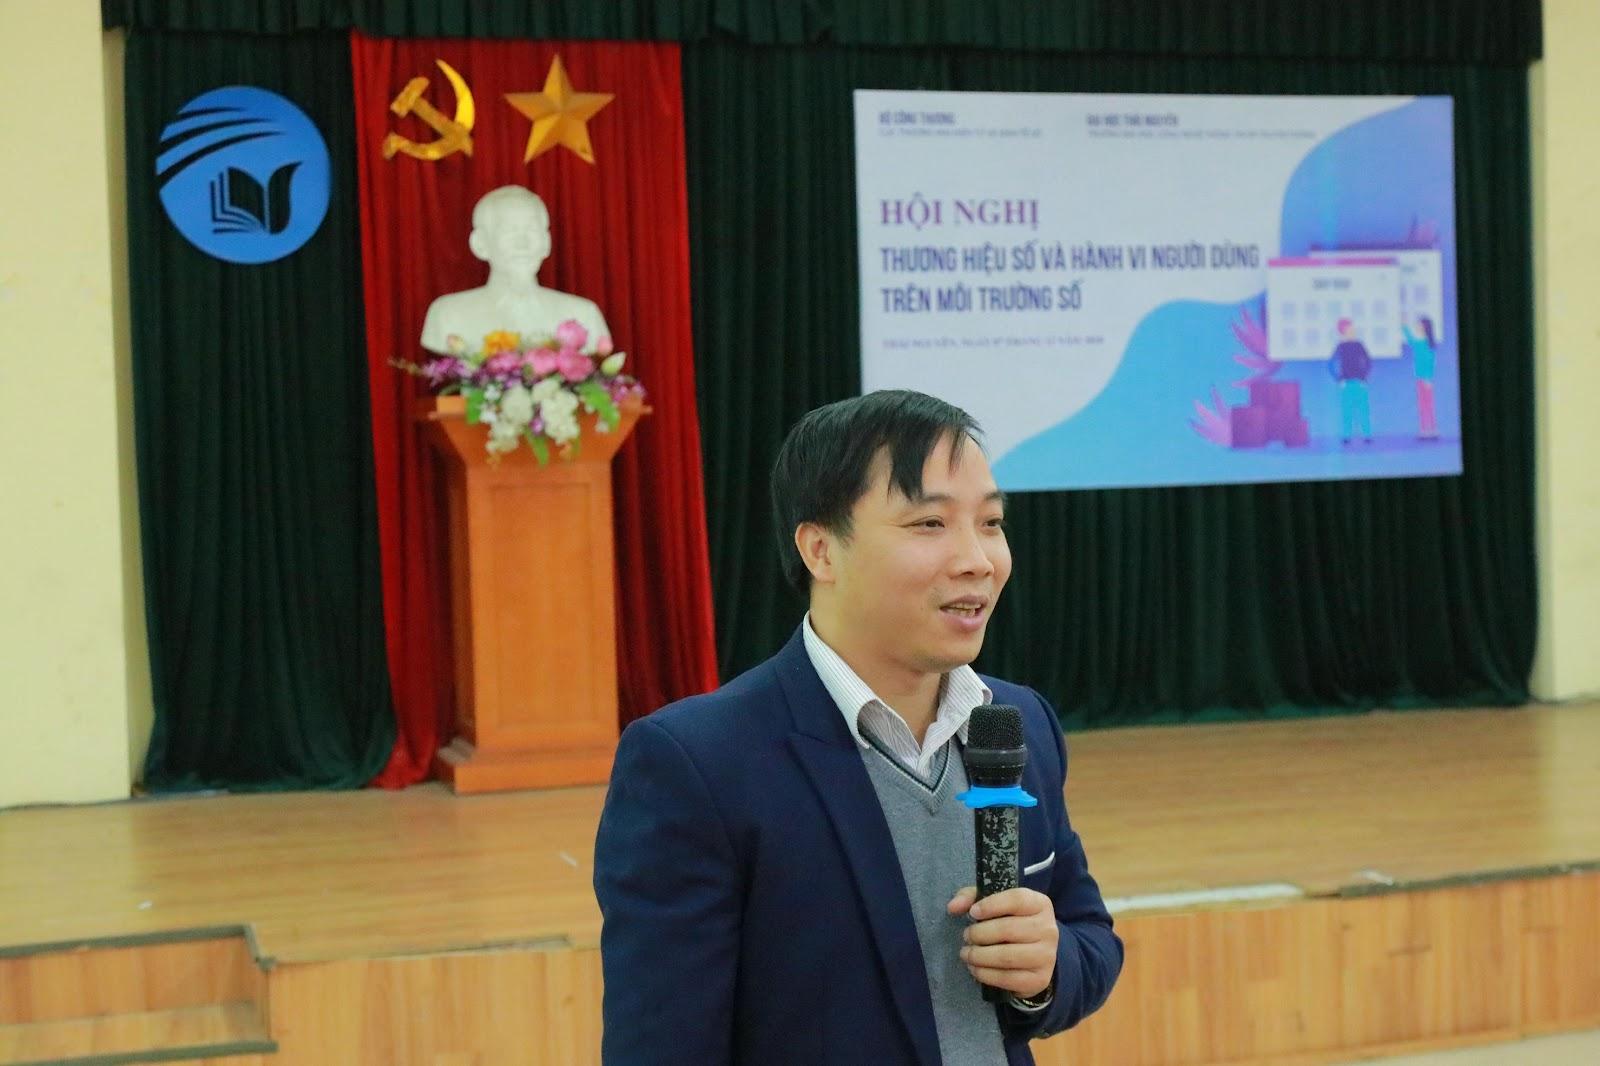 PGS.TS Nguyễn Văn Huân – Trưởng khoa HTTTKT trình bày tại hội nghị về vai trò của Hệ thống thông tin quản lý trong phát triển nền Kinh tế số